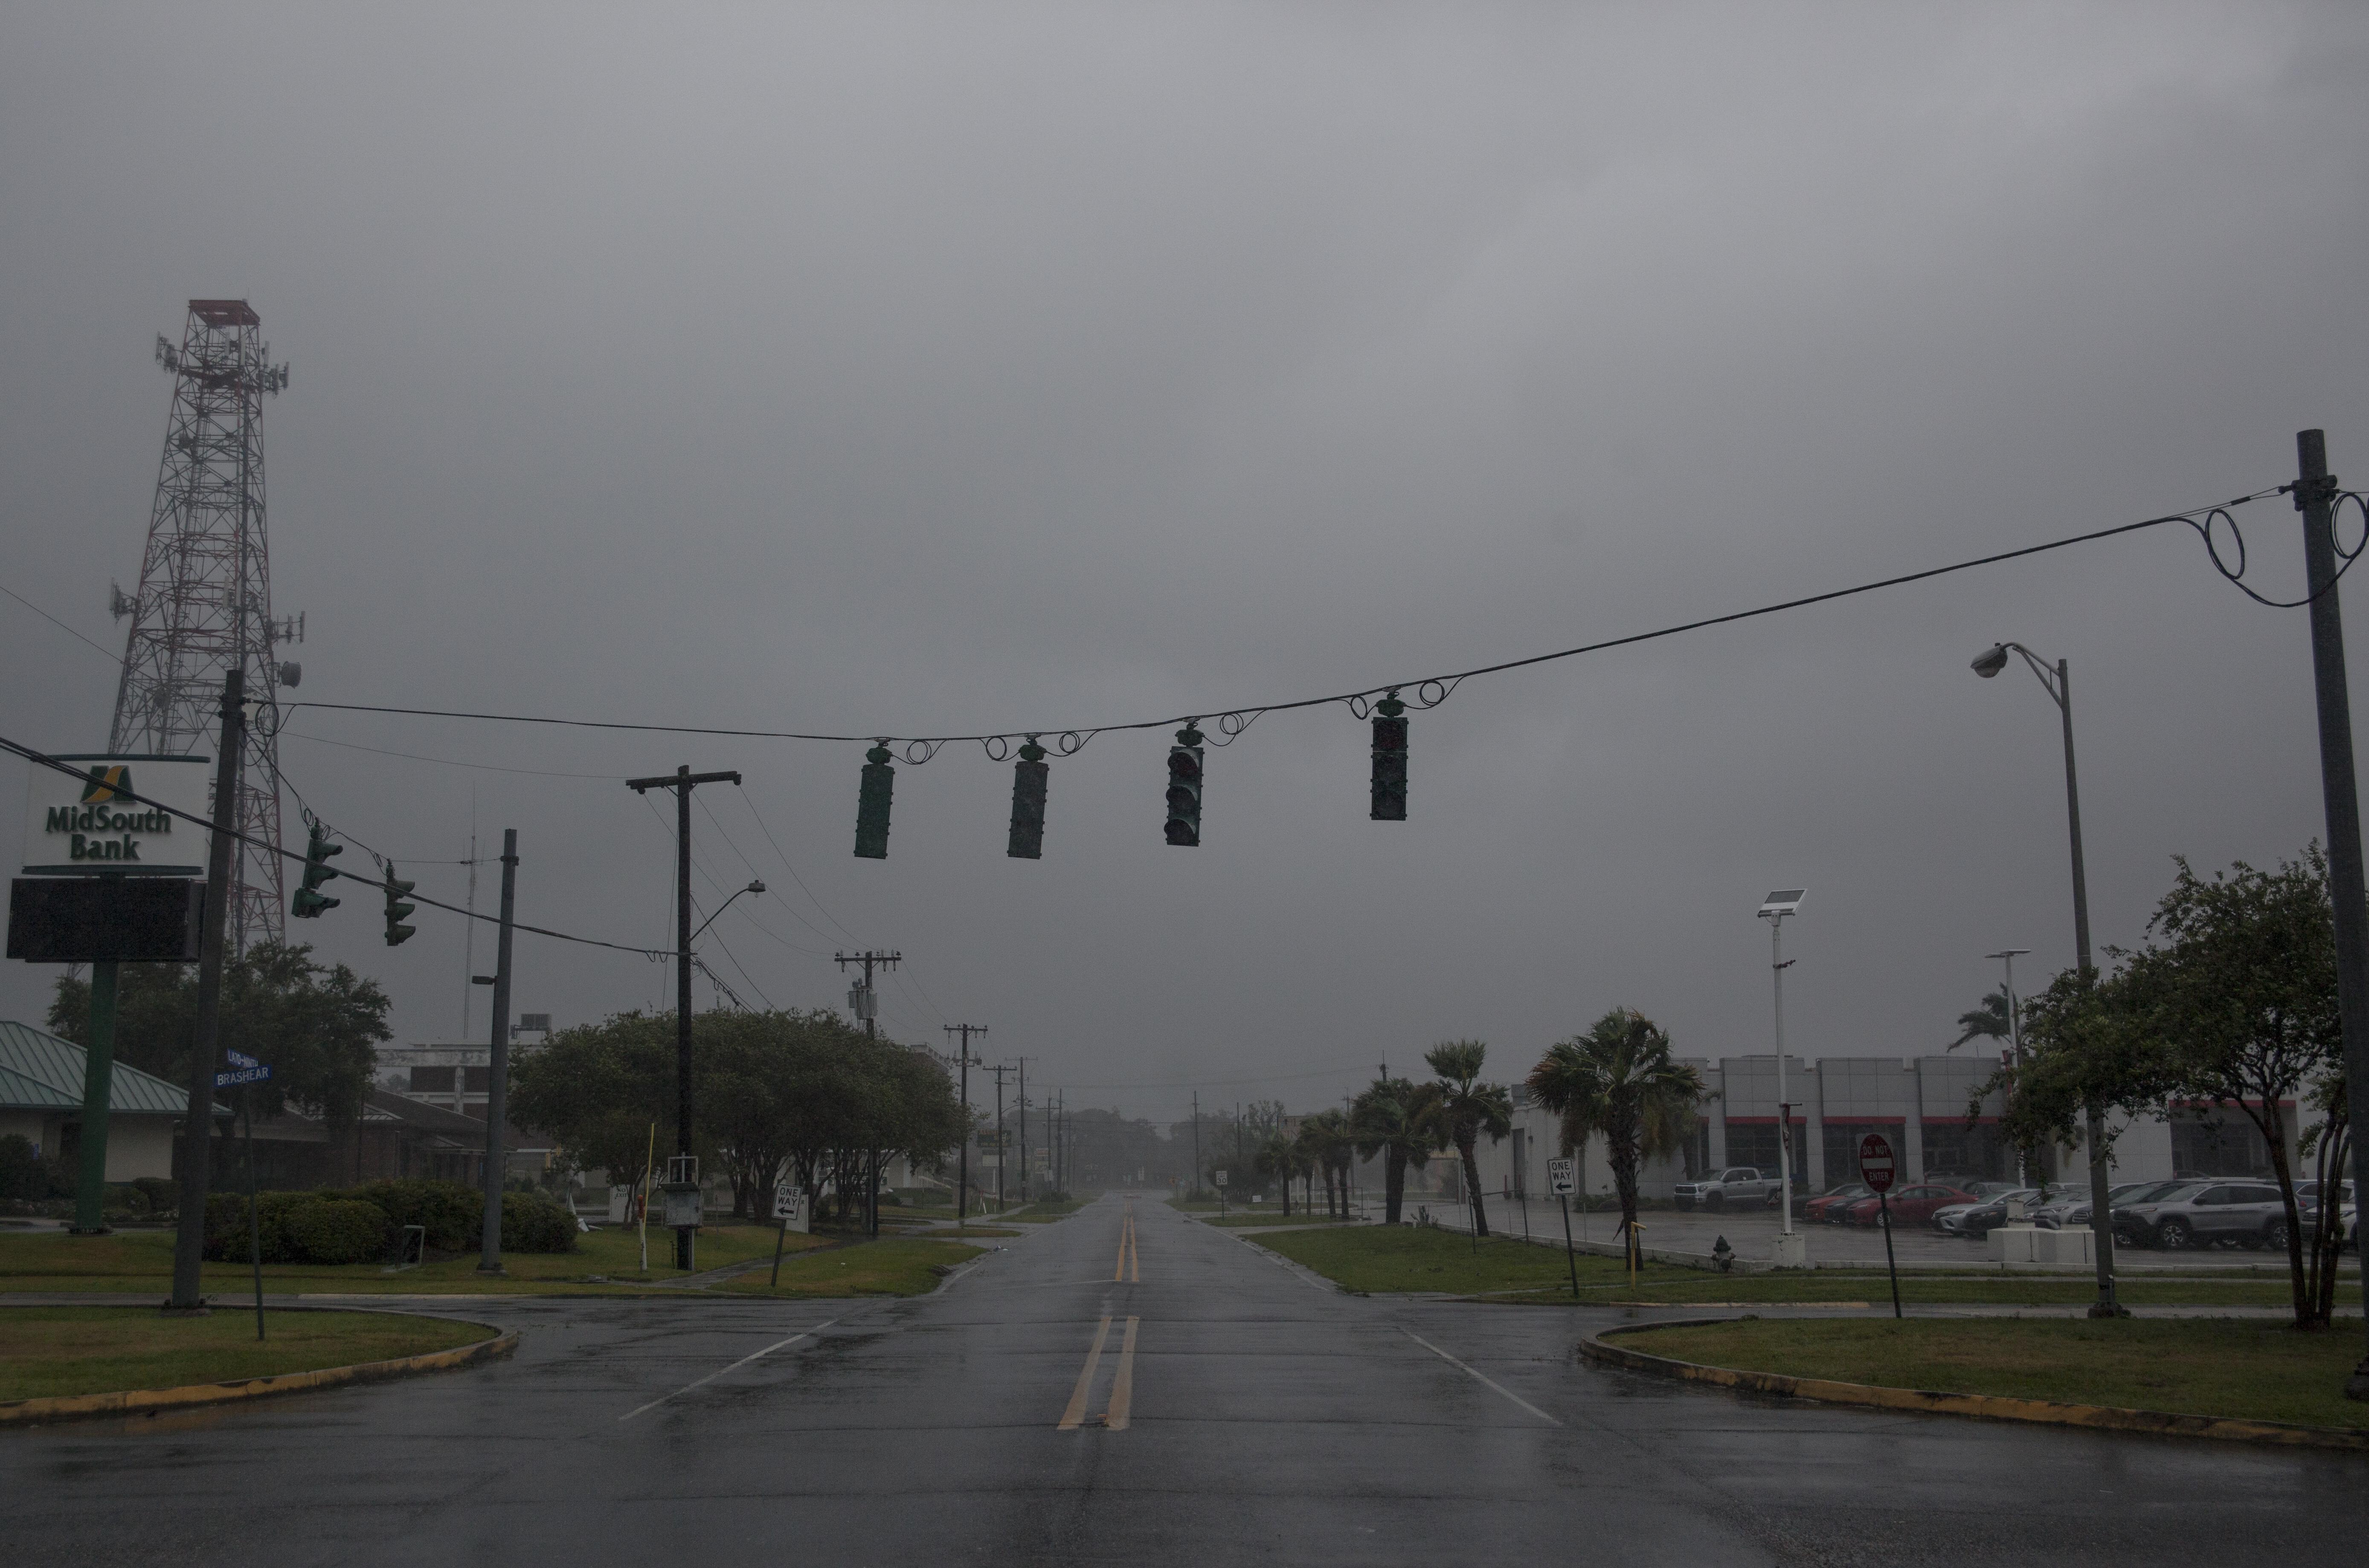 أضرار في مدينة مورغان بولاية لويزيانا مع تقدم الإعصار باري